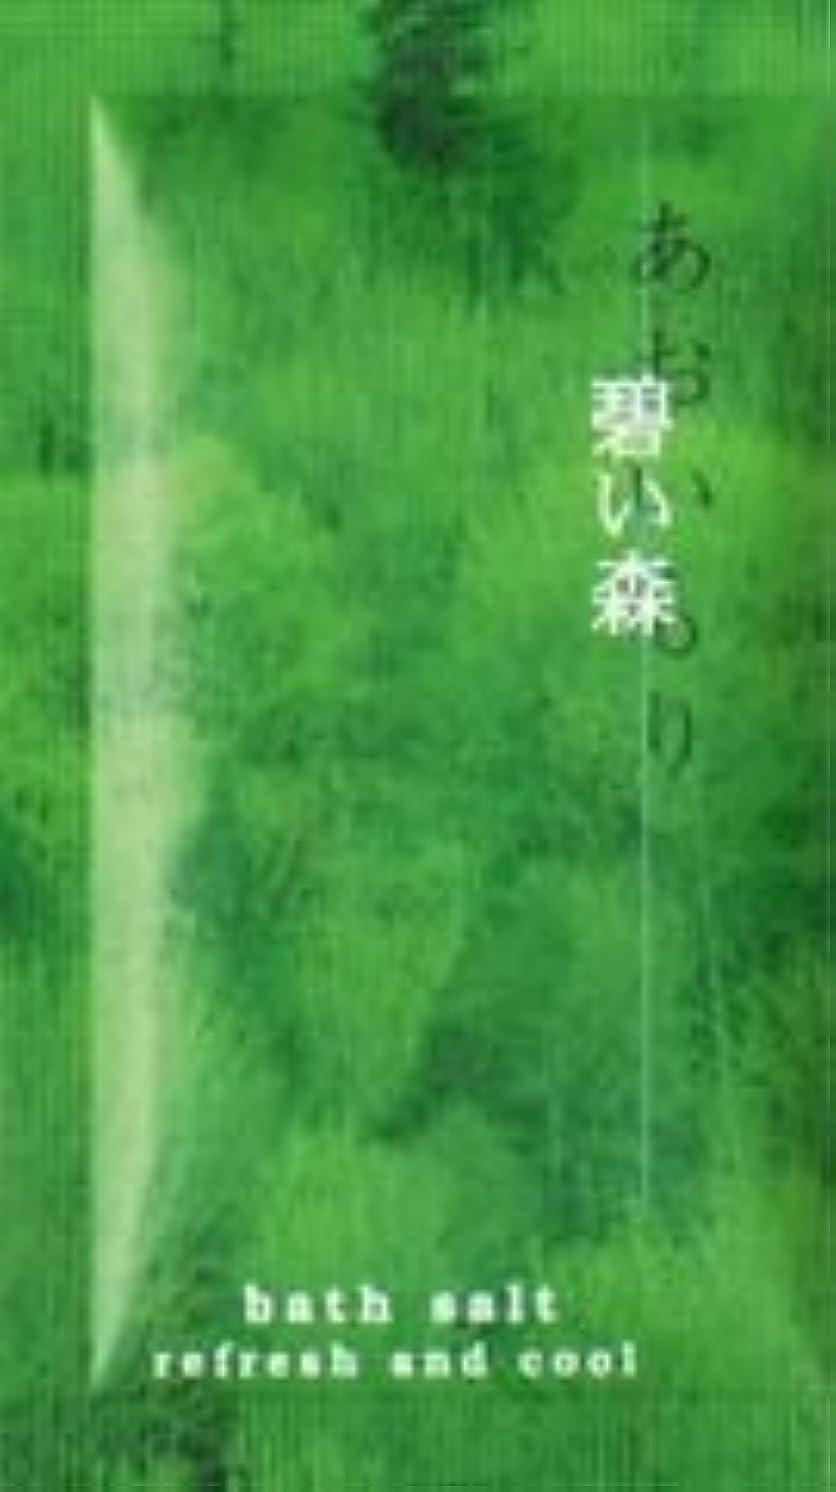 ばかげた修復リサイクルする▽いにしえの休日【バスパウダー】 (こちらの商品の内訳は『番号(40016263)/宵の下弦』のみ)